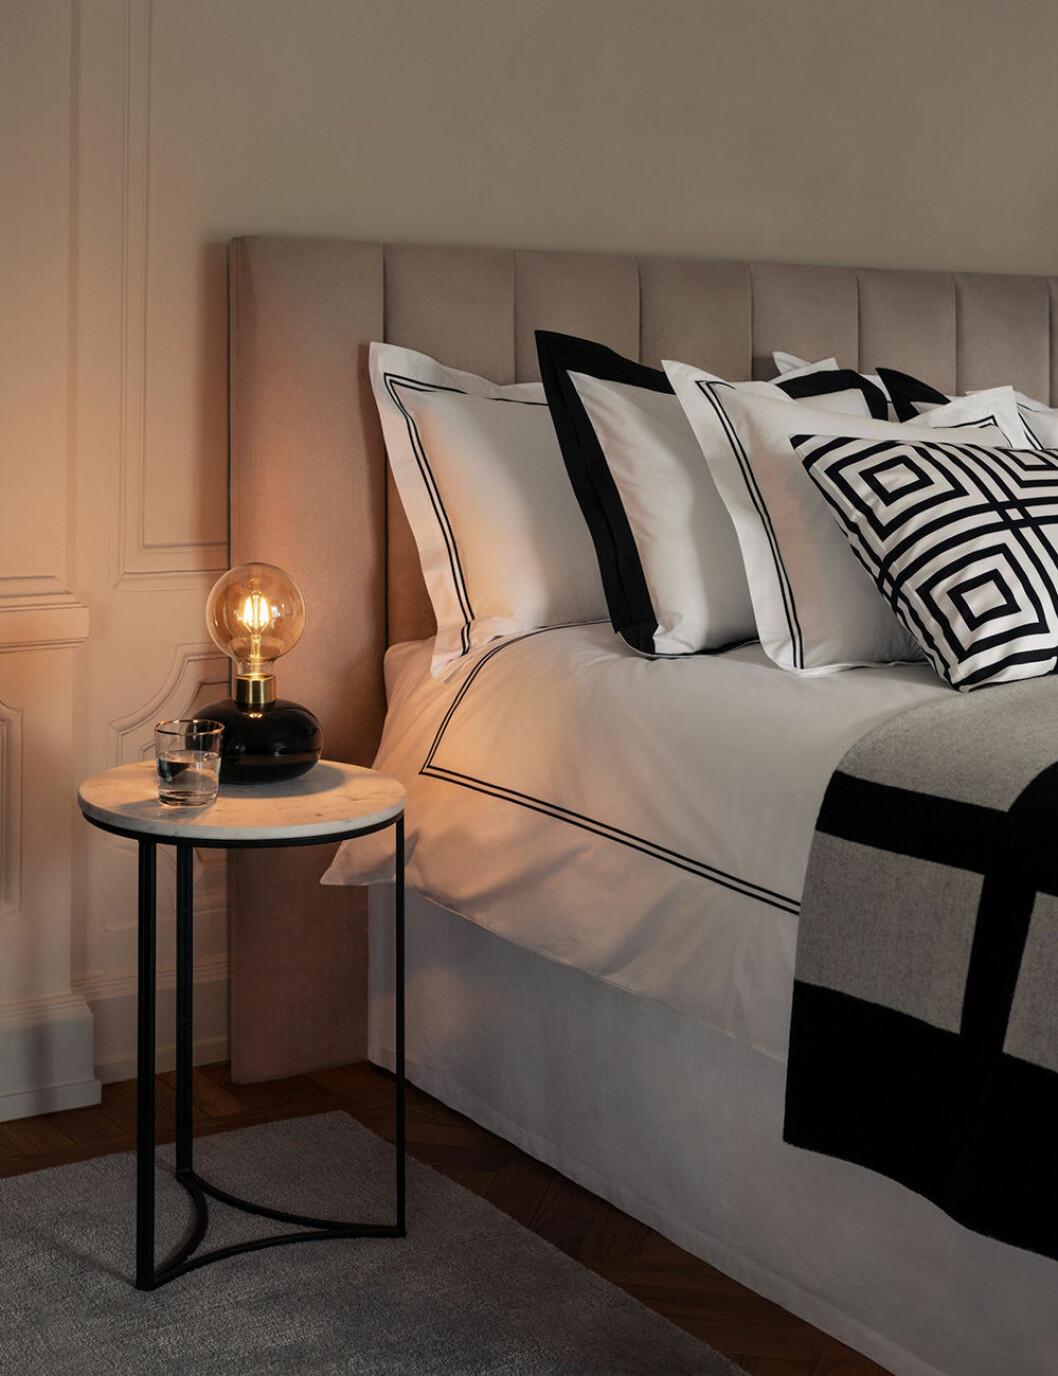 Sängkläder i hotellstil från H&M Home